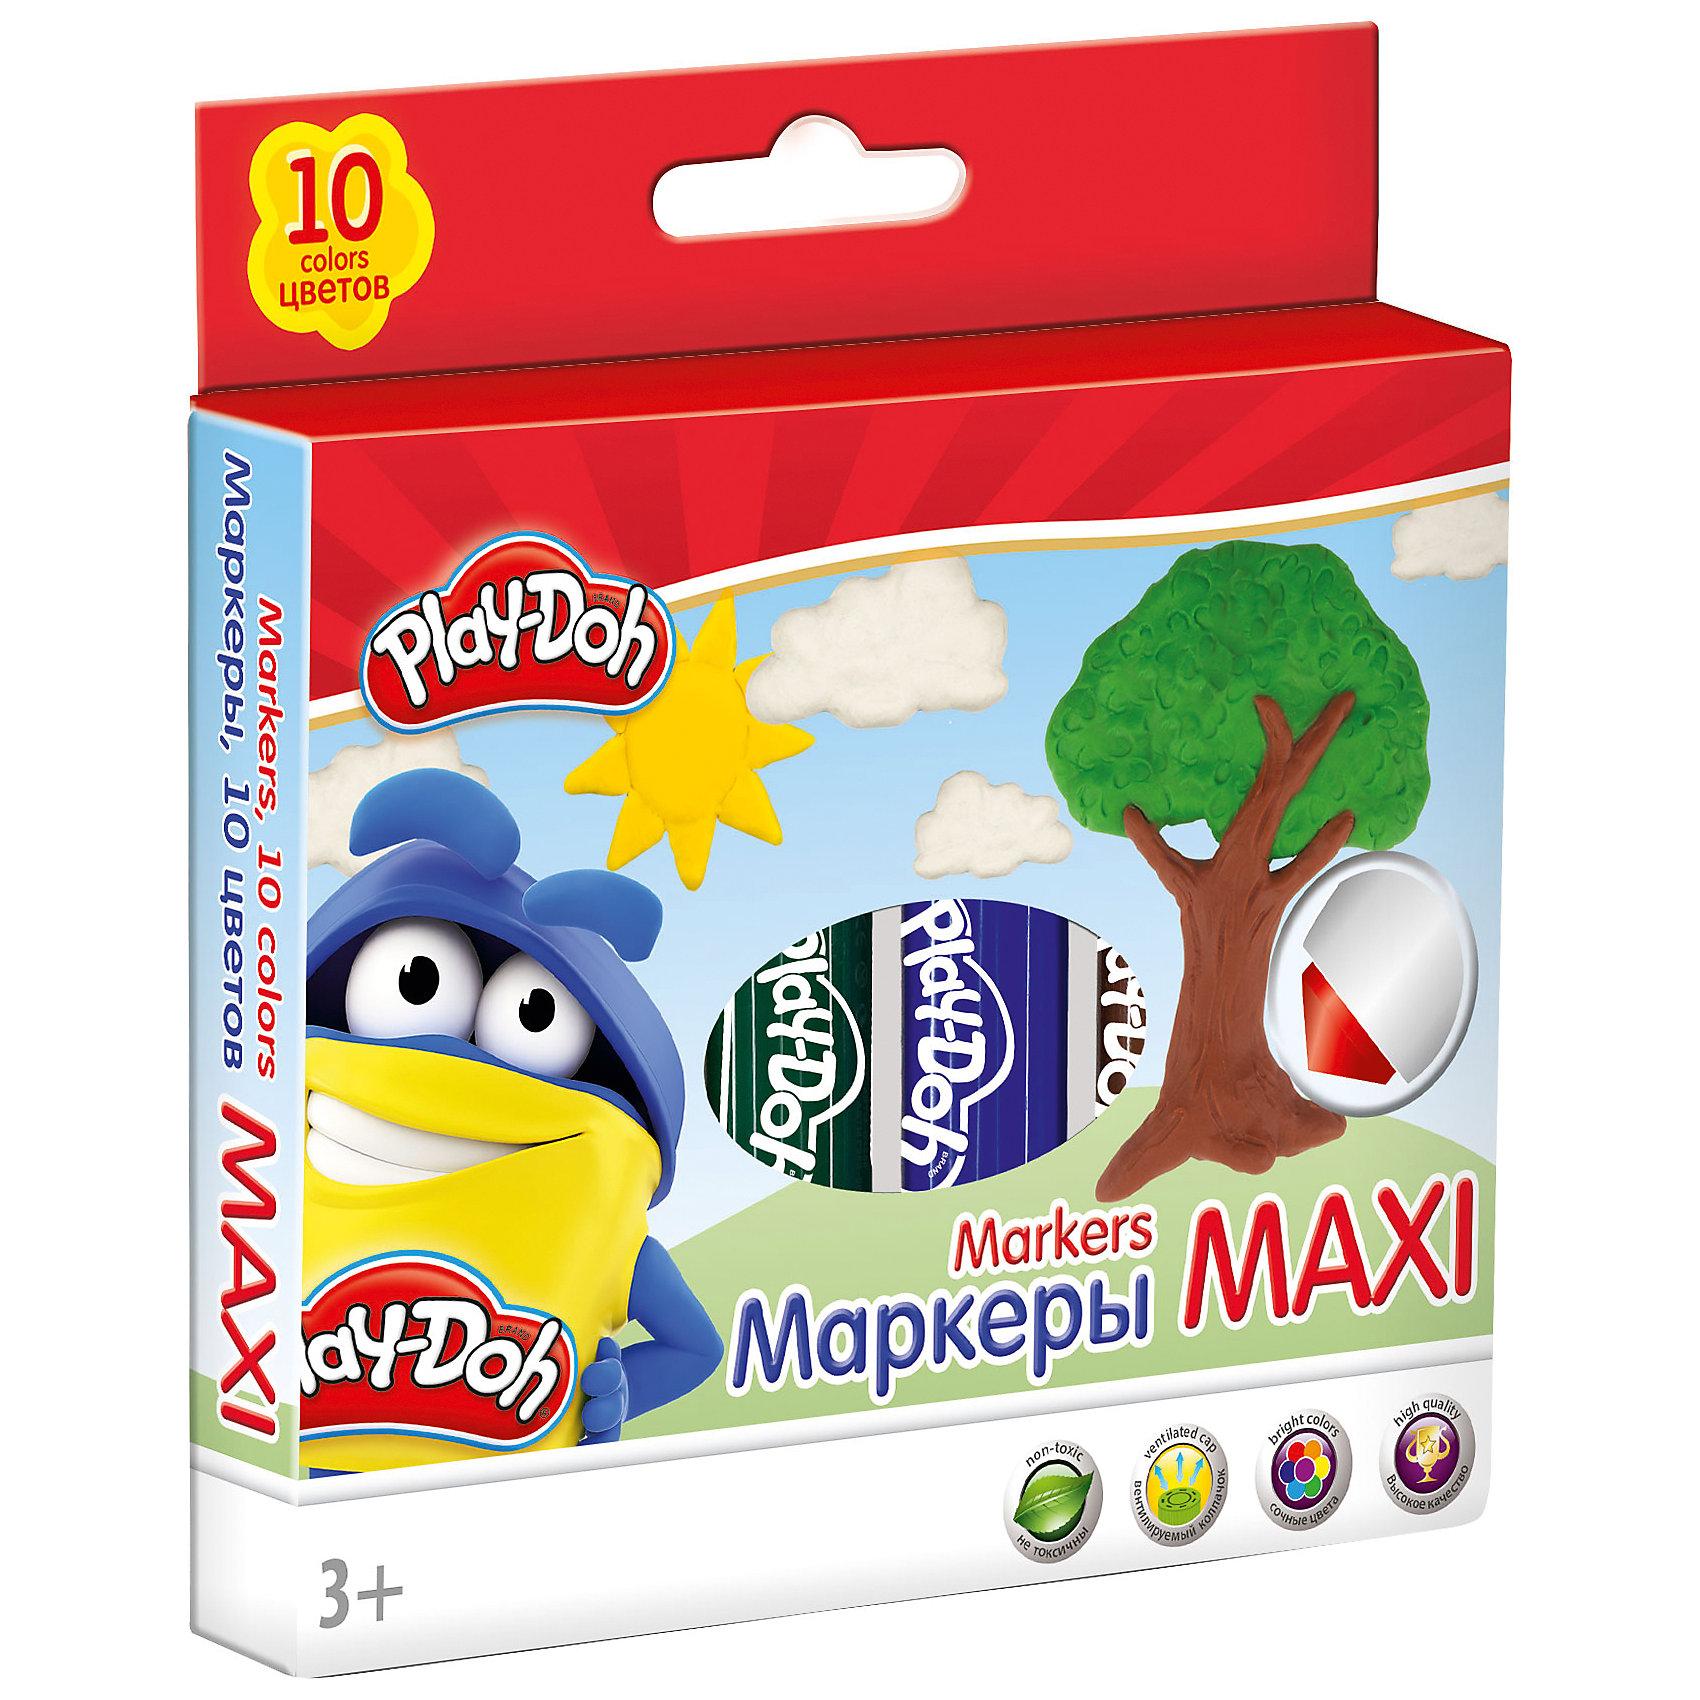 Набор фломастеров 10 шт., Play-DohРисование<br>Набор фломастеров Mega Jumbo, Play-Doh, прекрасно подойдет для детского творчества, рисования и оформительских работ. Фломастеры обладают яркими насыщенными цветами, а прочный утолщенный наконечник позволит рисовать без проблем. Корпус фломастеров изготовлен из<br>высококачественного нетоксичного пластика, нейлоновый стержень, увеличенное содержание чернил, улучшенный пишущий узел. Набор оформлен в красочную картонную упаковку с забавным рисунком. В комплекте 10 фломастеров разных цветов с вентилируемыми колпачками.<br>Утолщенная форма корпуса прививает навык правильно держать пишущий инструмент. Рисование развивает мелкую моторику, воображение, фантазию, а также творческие навыки.<br><br><br>Дополнительная информация:<br><br>- Количество фломастеров: 10 шт.<br>- Материал: пластик. <br>- Толщина стержня: 14 мм.<br>- Размер упаковки: 12,5 х 2,6 х 15,5 см.<br>- Вес: 0,214 кг.<br><br>Набор фломастеров 10 шт., Play-Doh, можно купить в нашем интернет-магазине.<br><br>Ширина мм: 125<br>Глубина мм: 155<br>Высота мм: 26<br>Вес г: 214<br>Возраст от месяцев: 36<br>Возраст до месяцев: 72<br>Пол: Унисекс<br>Возраст: Детский<br>SKU: 4681185